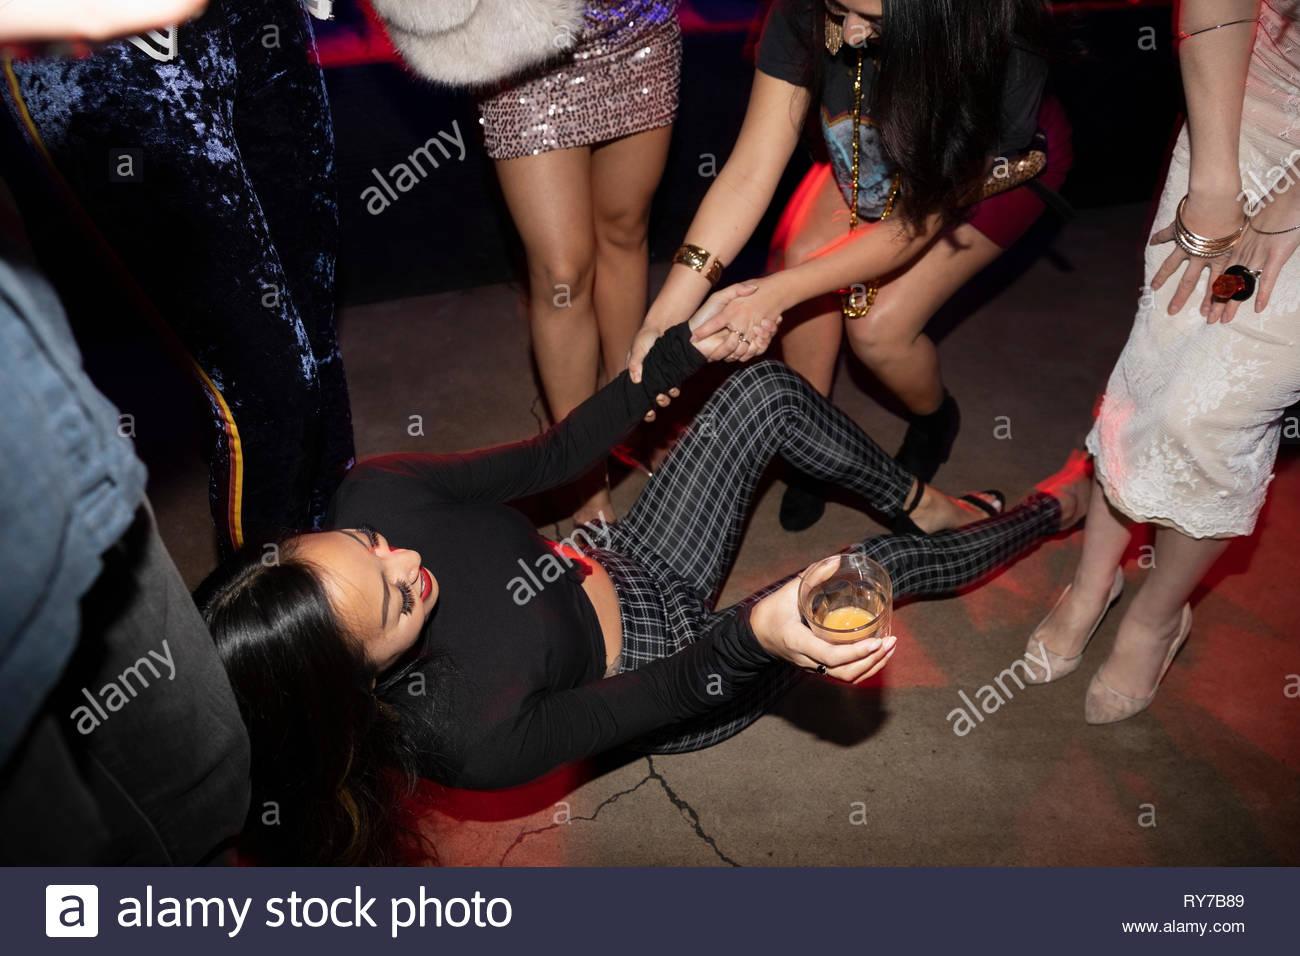 Freunde helfen Frau fallen auf Diskothek Etage Stockbild